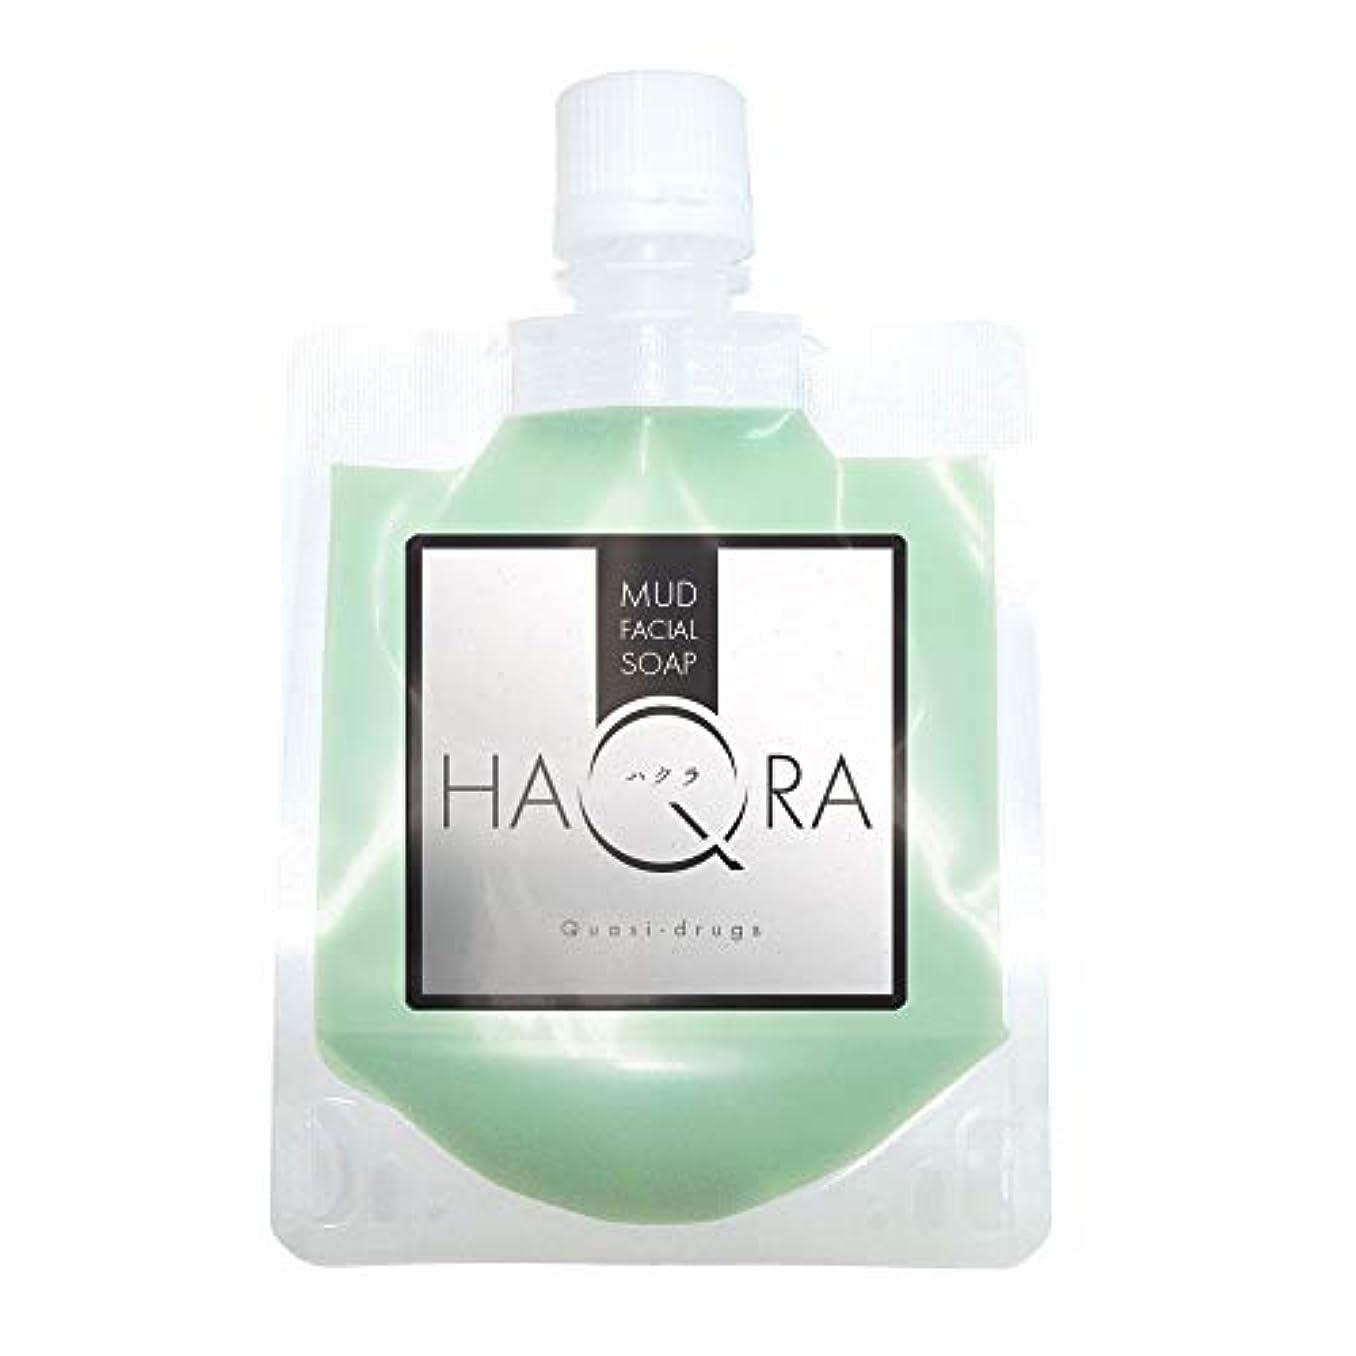 どこ溶接枠ハクラ HAQRA クレイ洗顔 泥洗顔 石鹸 石けん